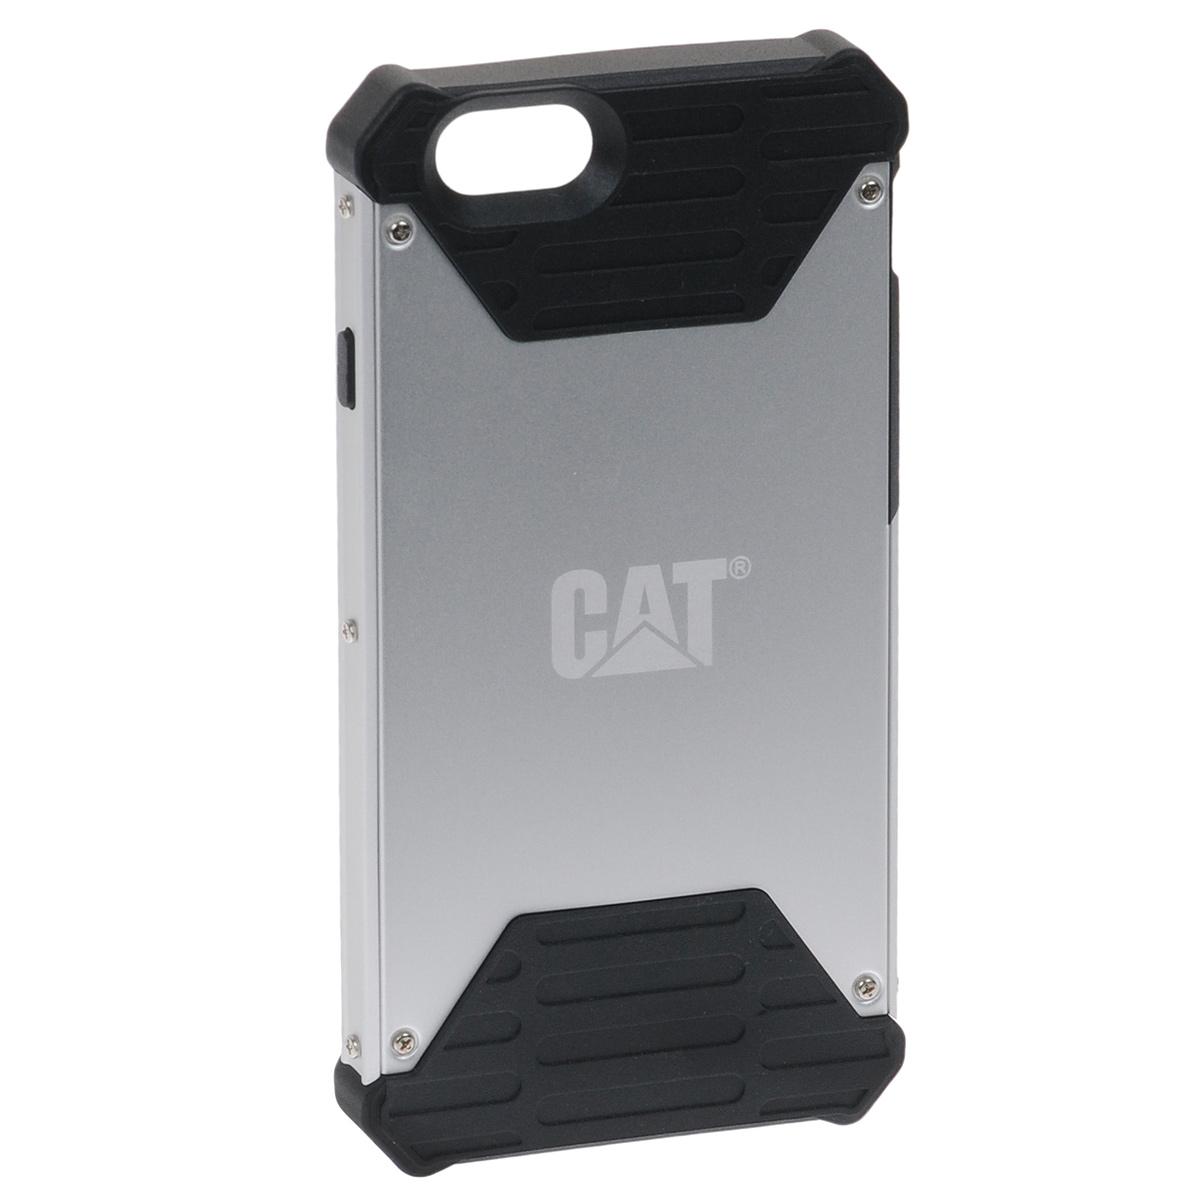 Caterpillar Active Signature противоударный чехол для iPhone 6CSCA-BLSI-I6S-0DWОсобо прочный чехол Caterpillar Active Signature для iPhone 6, изготовленный из ударопрочного материала SAIF и имеет заднюю панель из анодированного алюминия. Изделие включает защитную пленку из термополиуретана, обеспечивая защиту вашего телефона со всех сторон. SAIF - активный материал, отличающийся повышенной эффективностью при поглощении ударов и защите от ударных воздействий! Ударопрочный чехол поможет защитить ваш телефон при падении с высоты до 1,8 метра. Чехол изготовлен из материала SAIF, который используется для производства средств индивидуальной защиты мотоциклистов. Линейка особо прочных чехлов Active отвечает требованиям современного стремительного ритма жизни, подтверждая репутацию компании Caterpillar как поставщика надежных и высококачественных изделий.